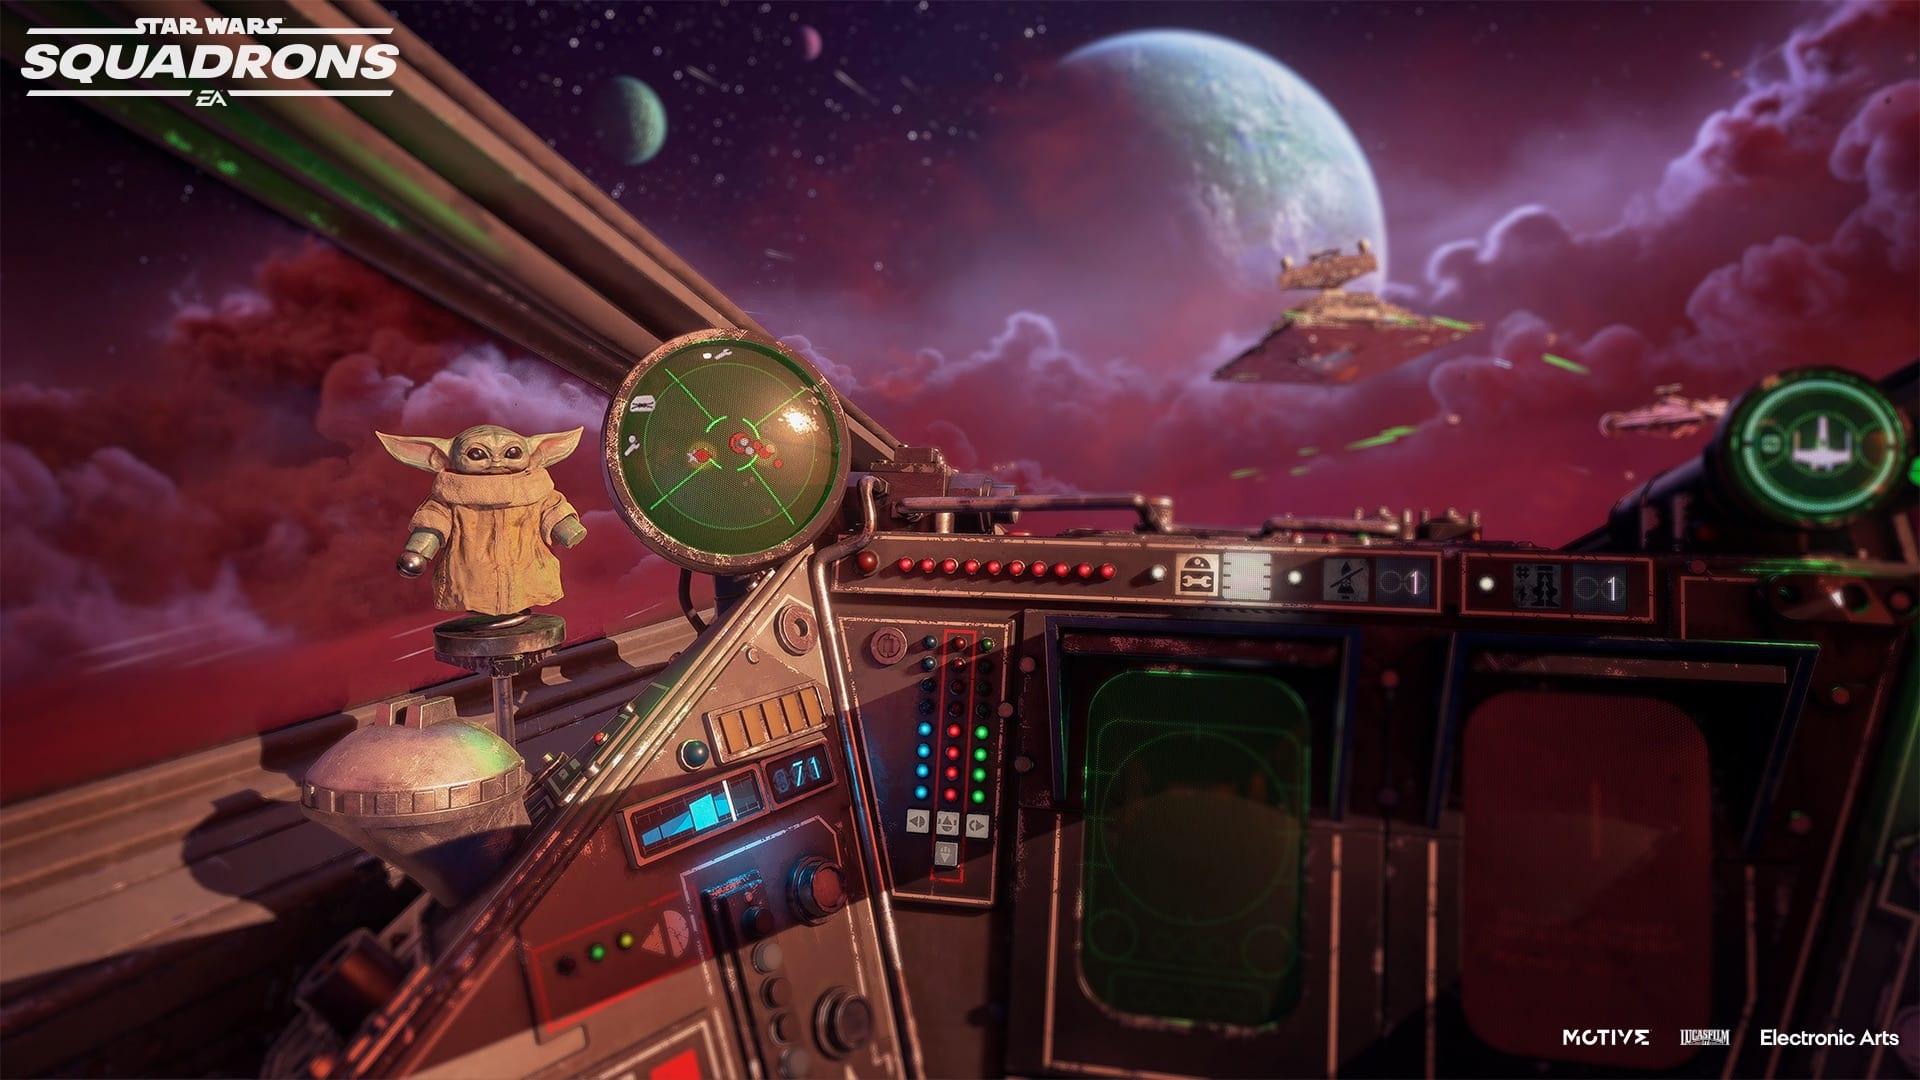 The Mandalorian arriva su Star Wars: Squadrons con un DLC